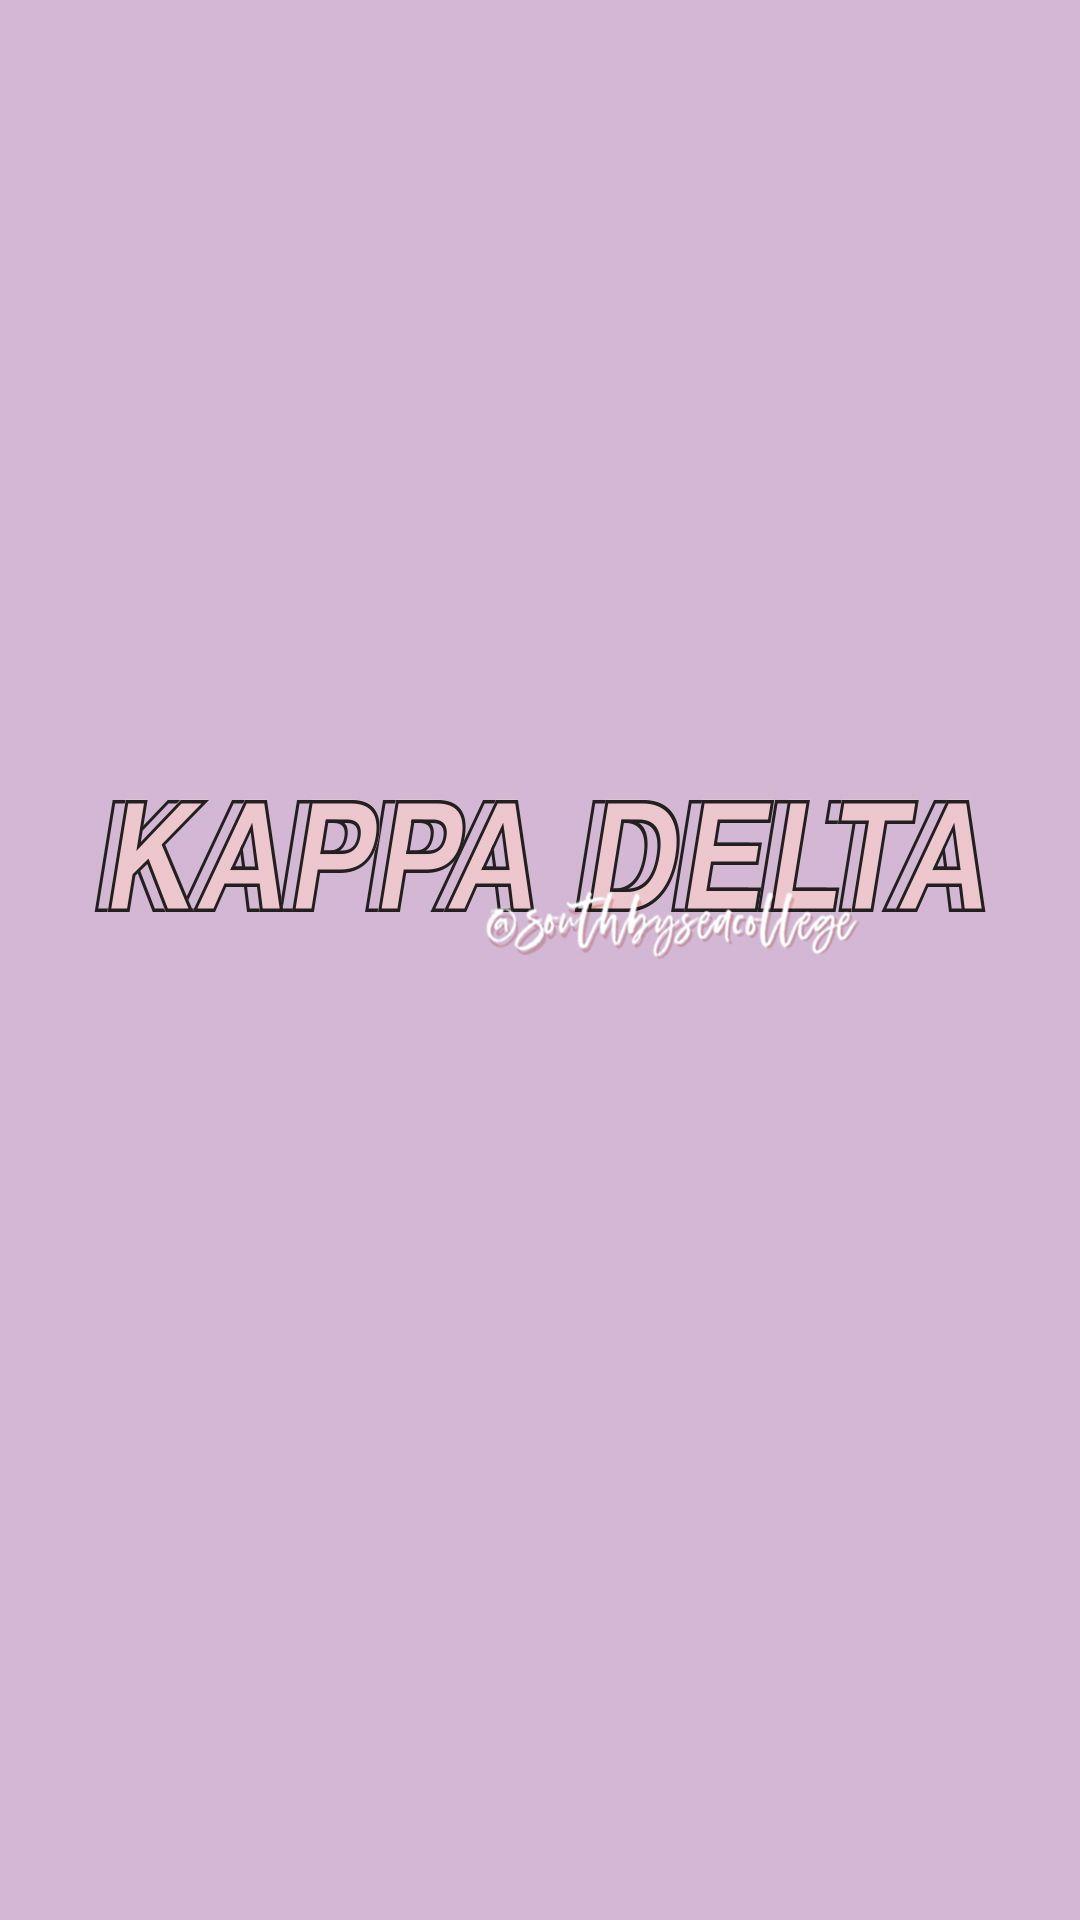 SOUTH BY SEA southbyseacollege Kappa Delta KayDee KD